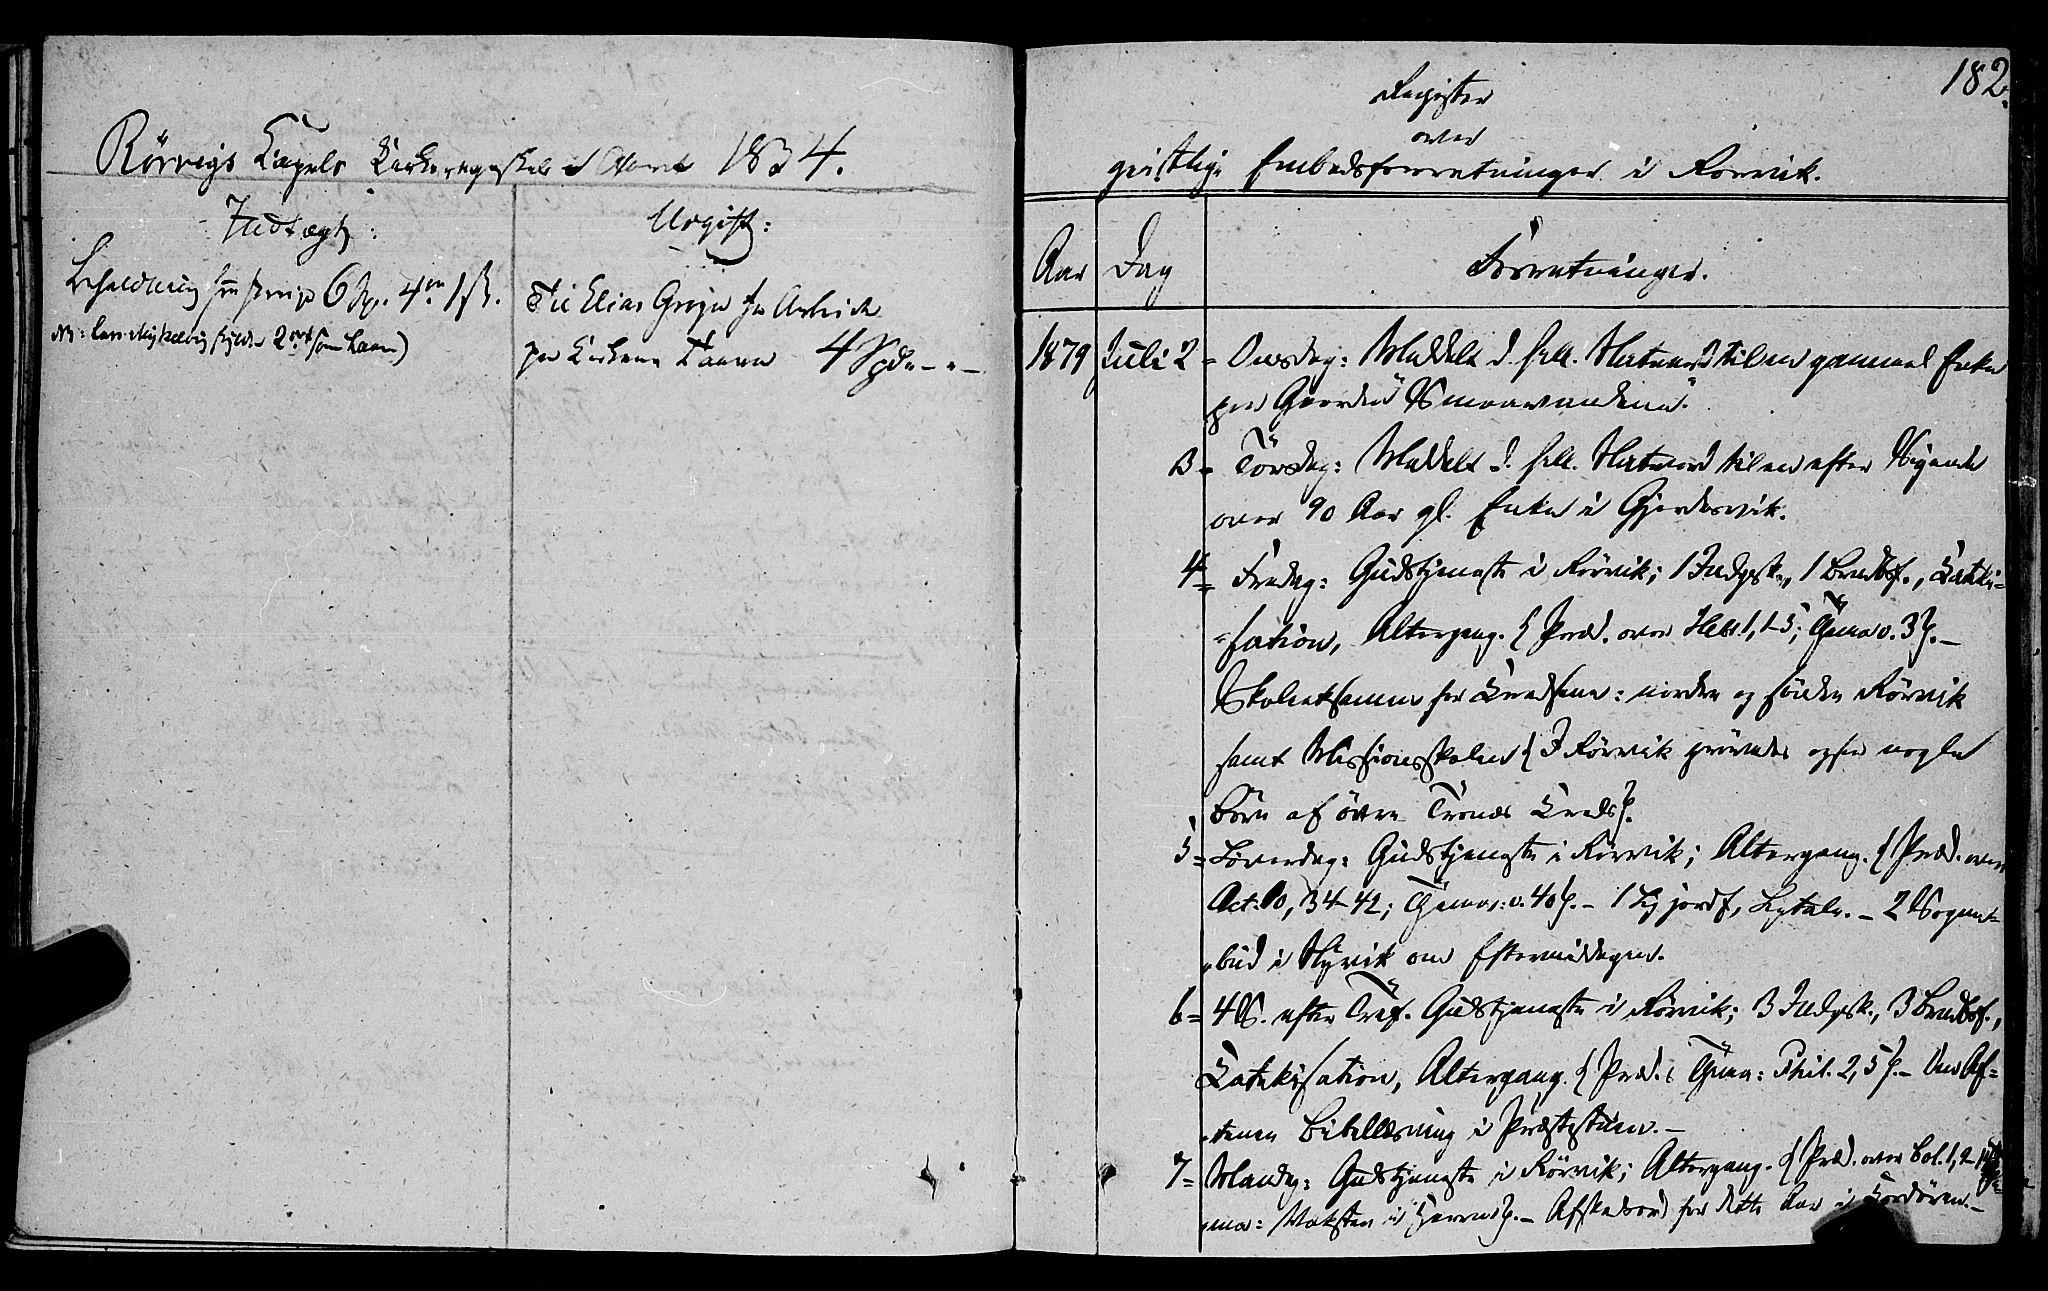 SAT, Ministerialprotokoller, klokkerbøker og fødselsregistre - Nord-Trøndelag, 762/L0538: Ministerialbok nr. 762A02 /1, 1833-1879, s. 182